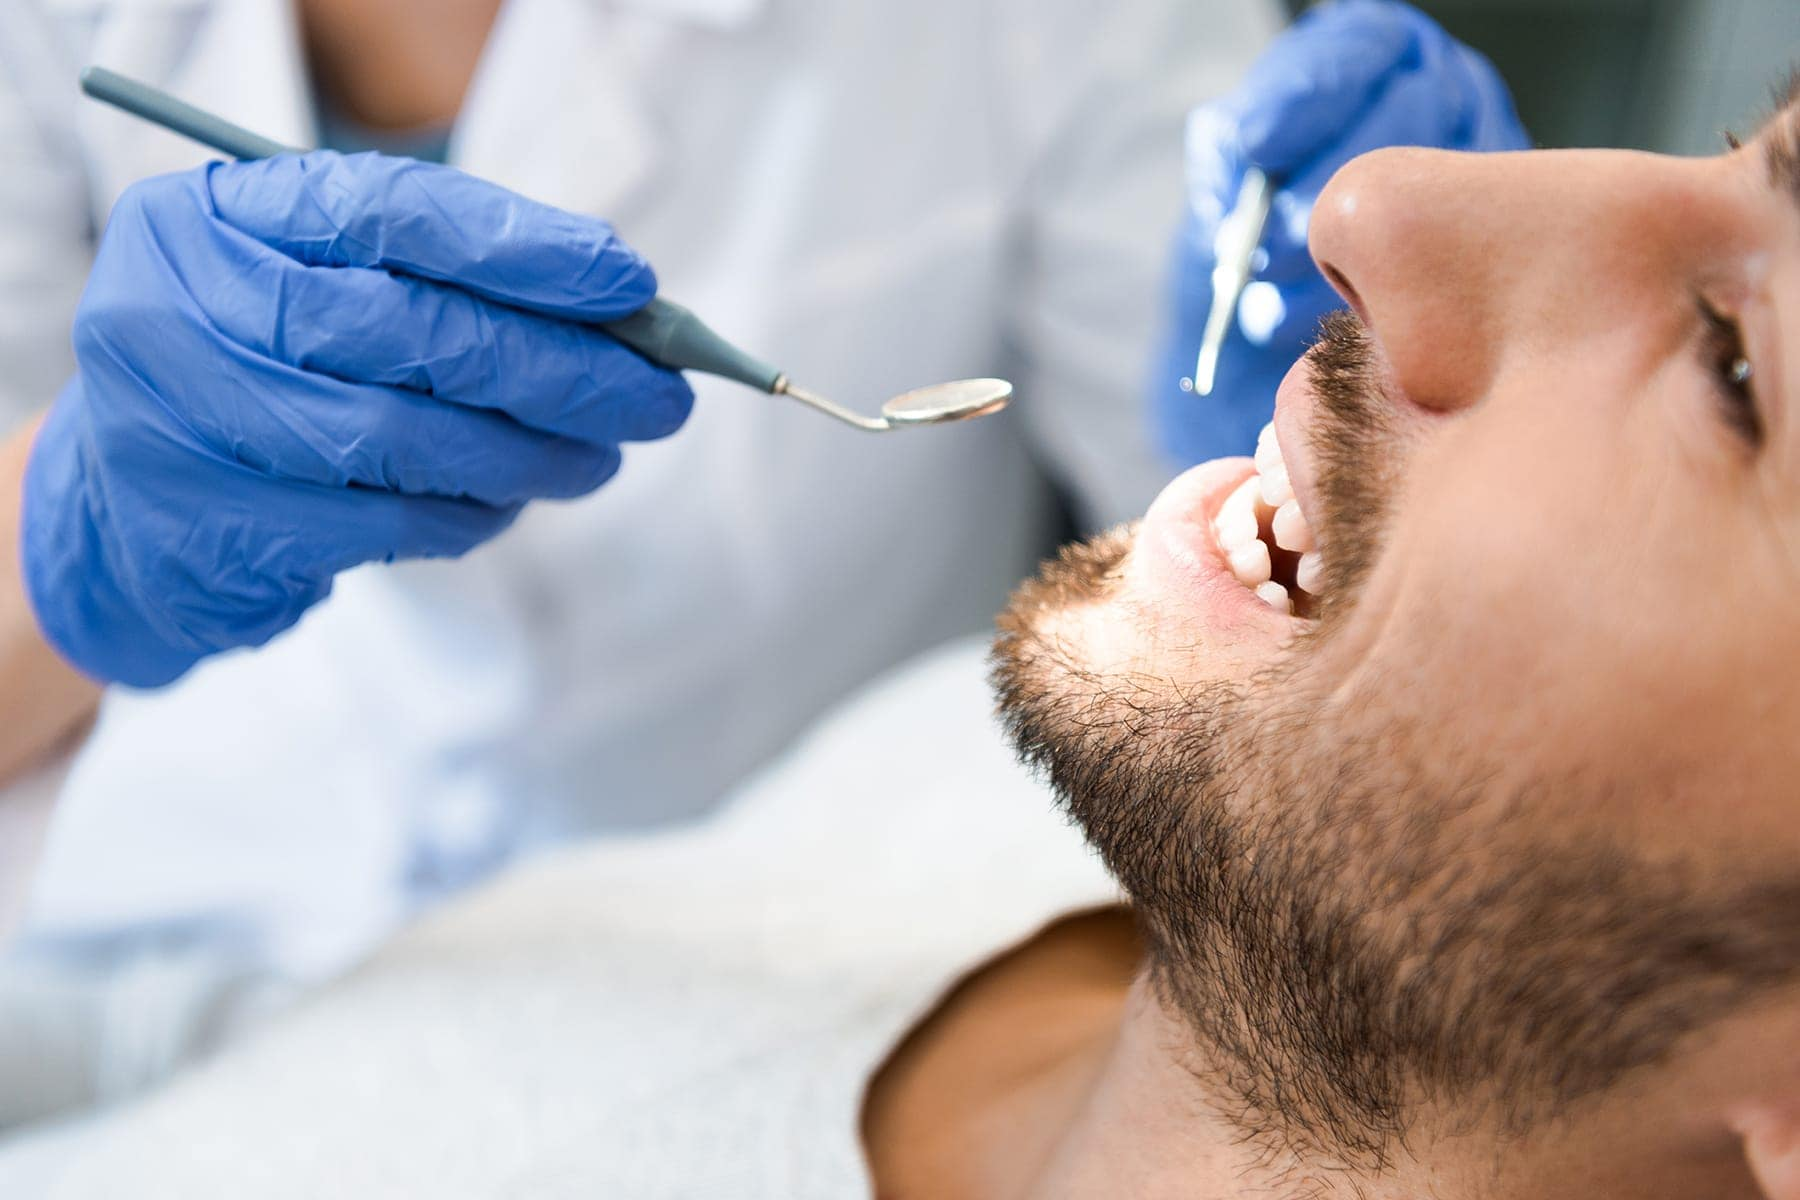 veneers for teeth